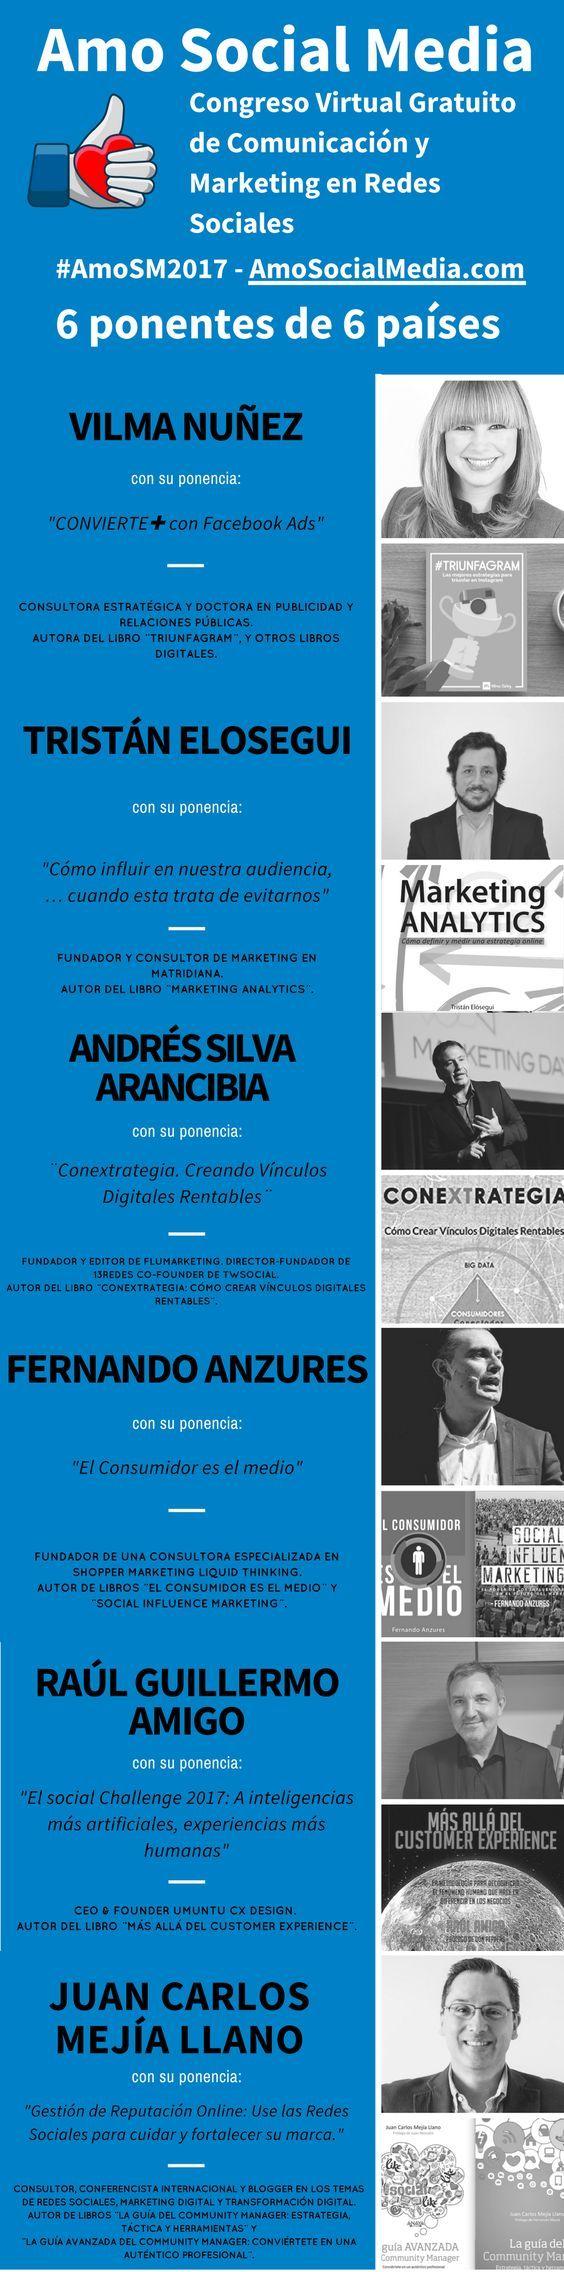 Tendremos conferencias de seis grandes expertos en comunicación y marketing digital. Actualiza tus conocimientos con el congreso virtual de Social Media #AmoSM2017. https://goo.gl/3aqcIj